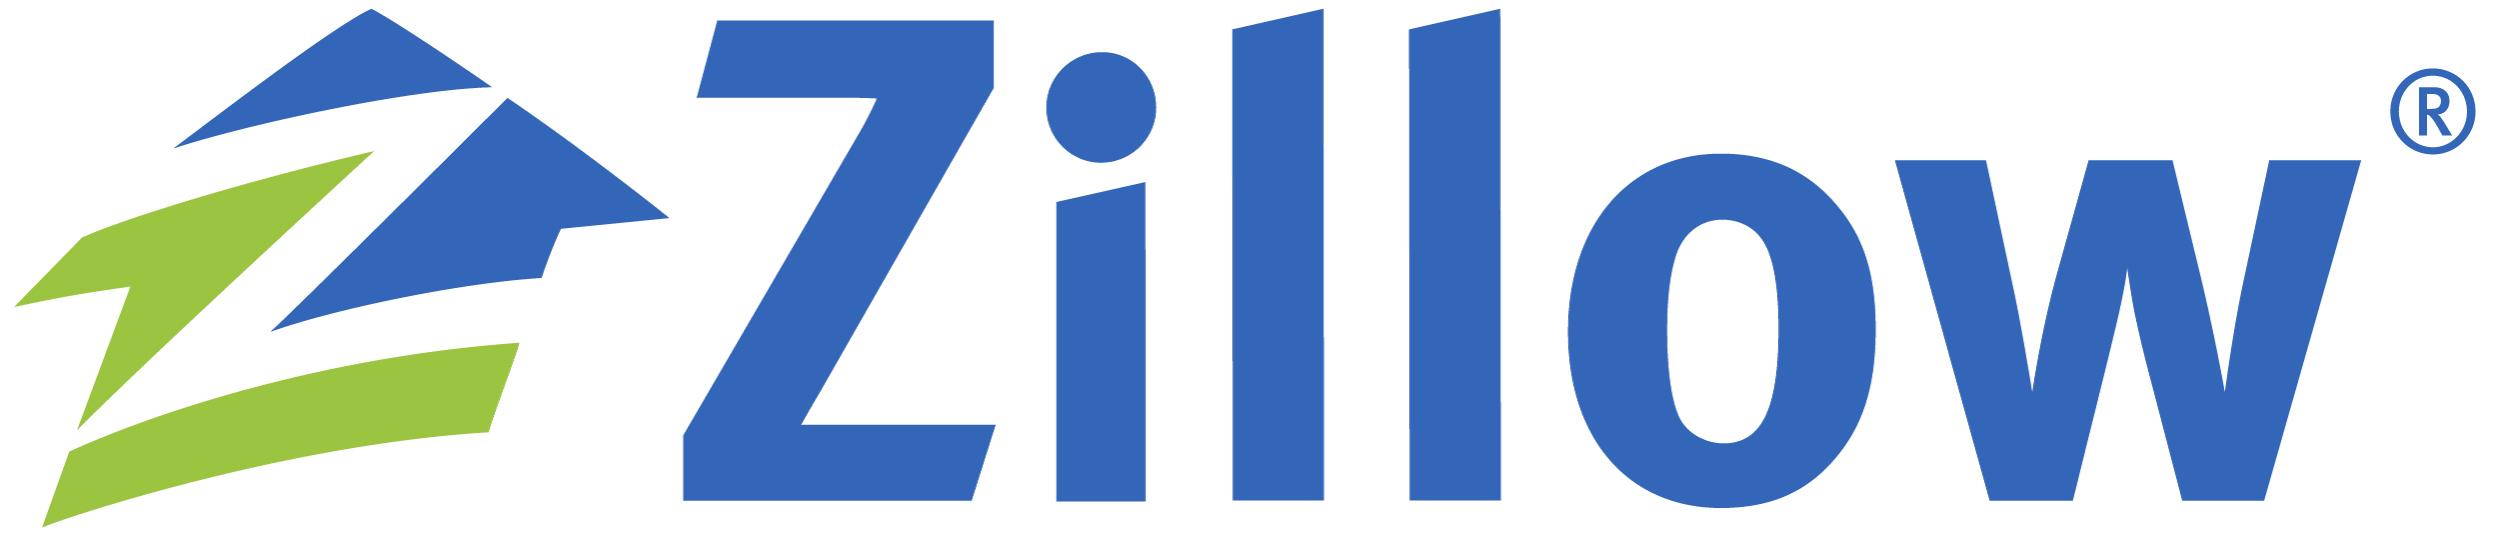 Zillow Logos.